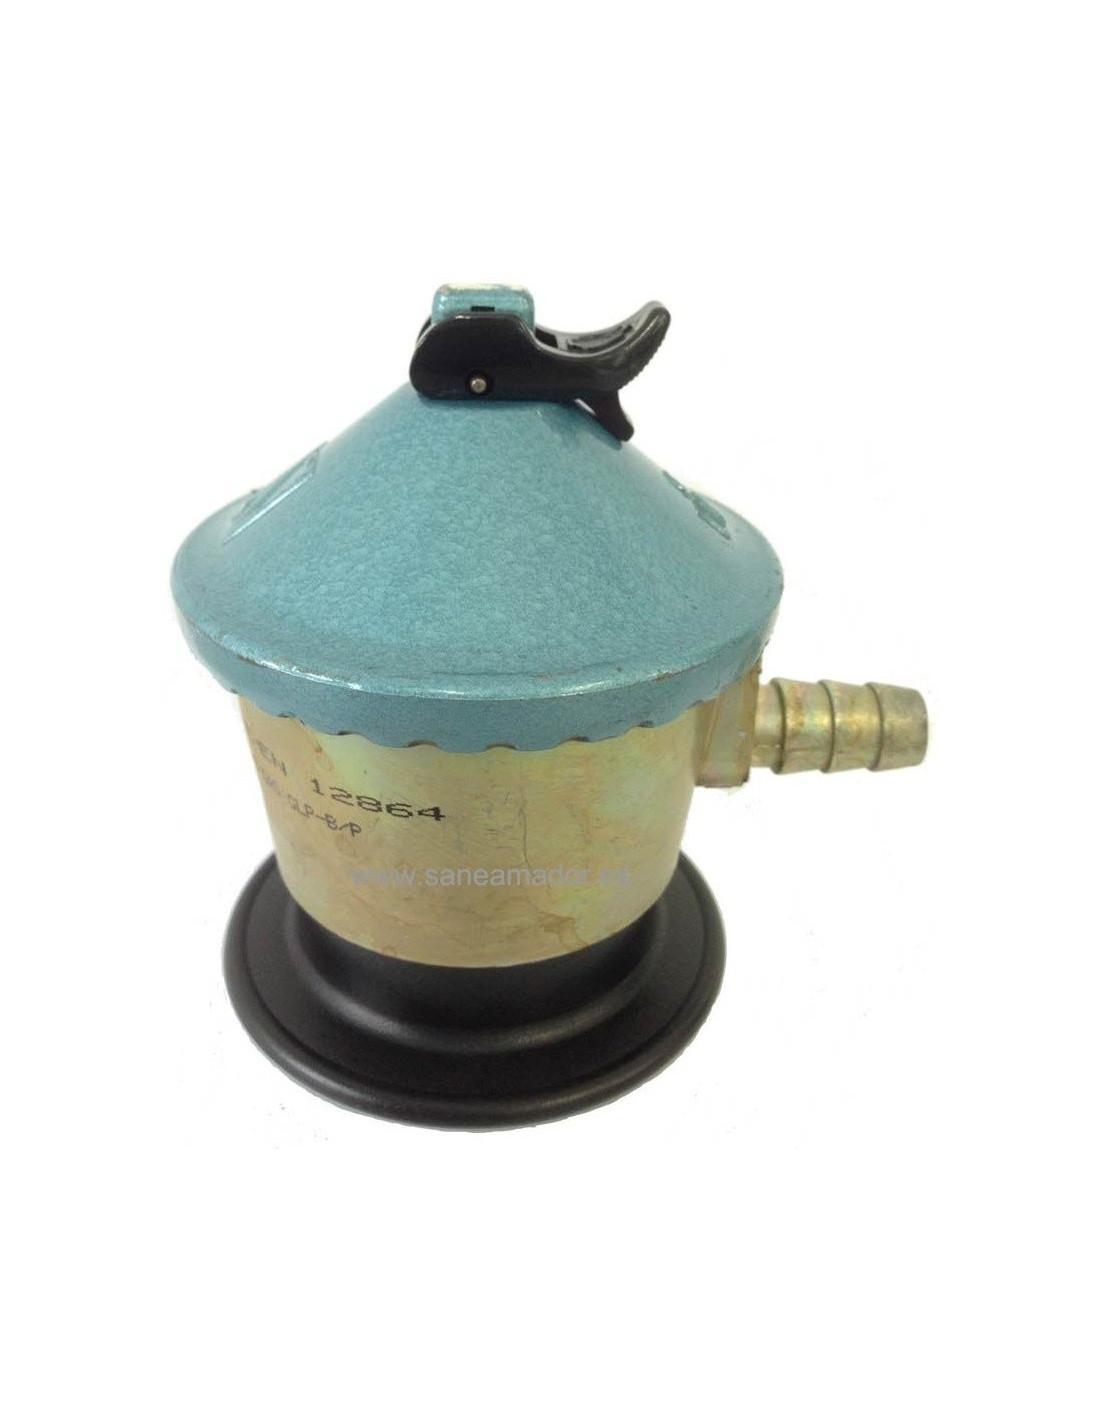 Regulador gas butano propano 30gr tienda de camping online - Regulador gas butano ...